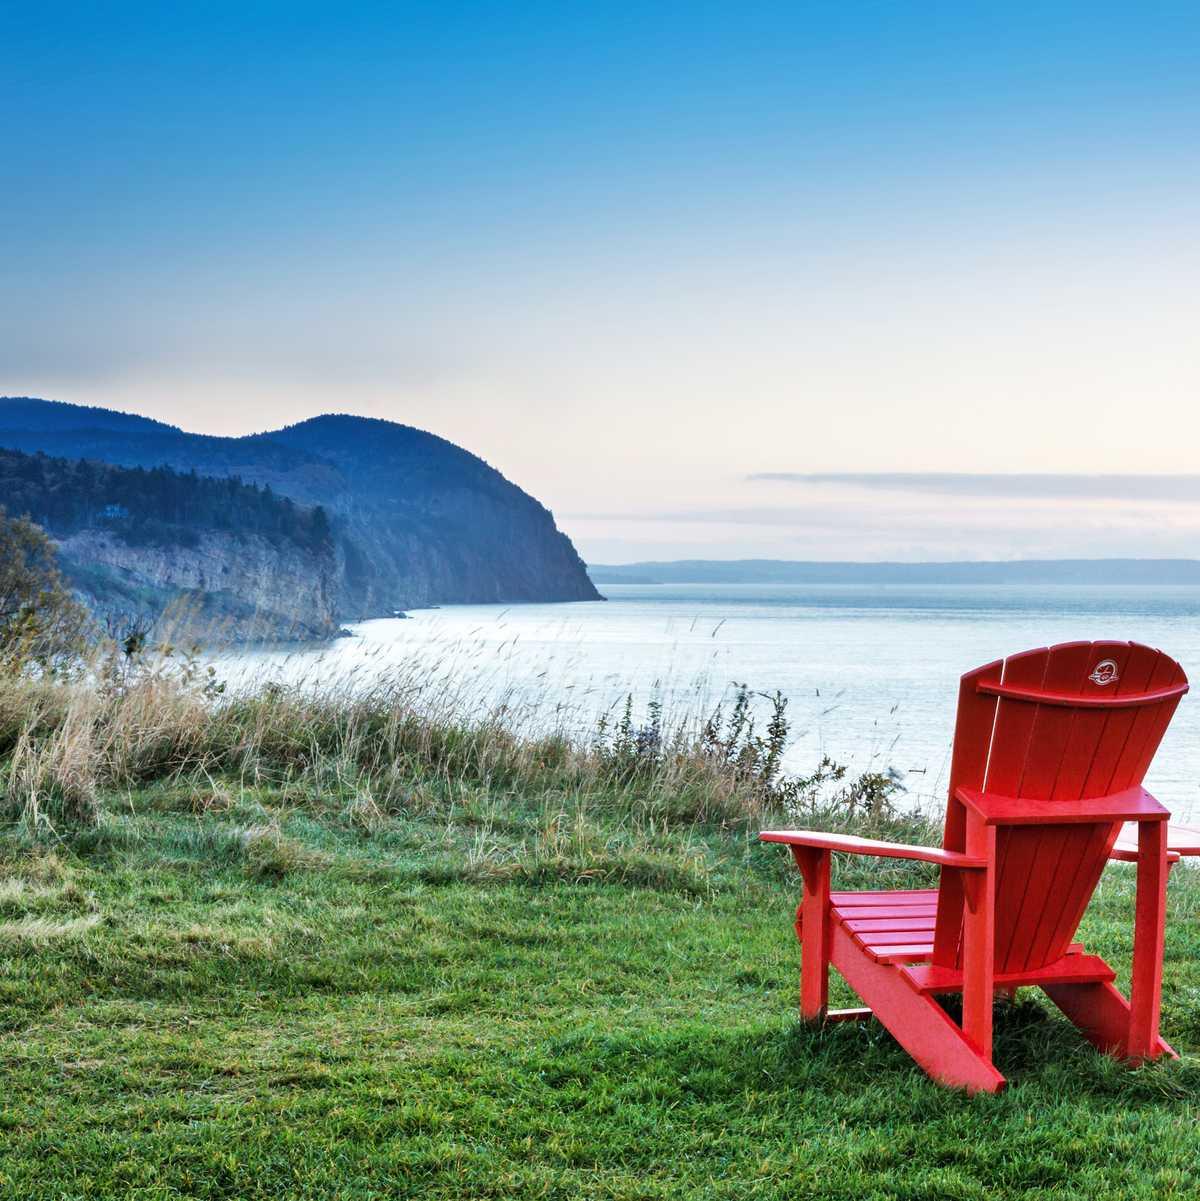 Liegestühle an einem Aussichtspunkt in der Bay of Fundy, New Brunswick